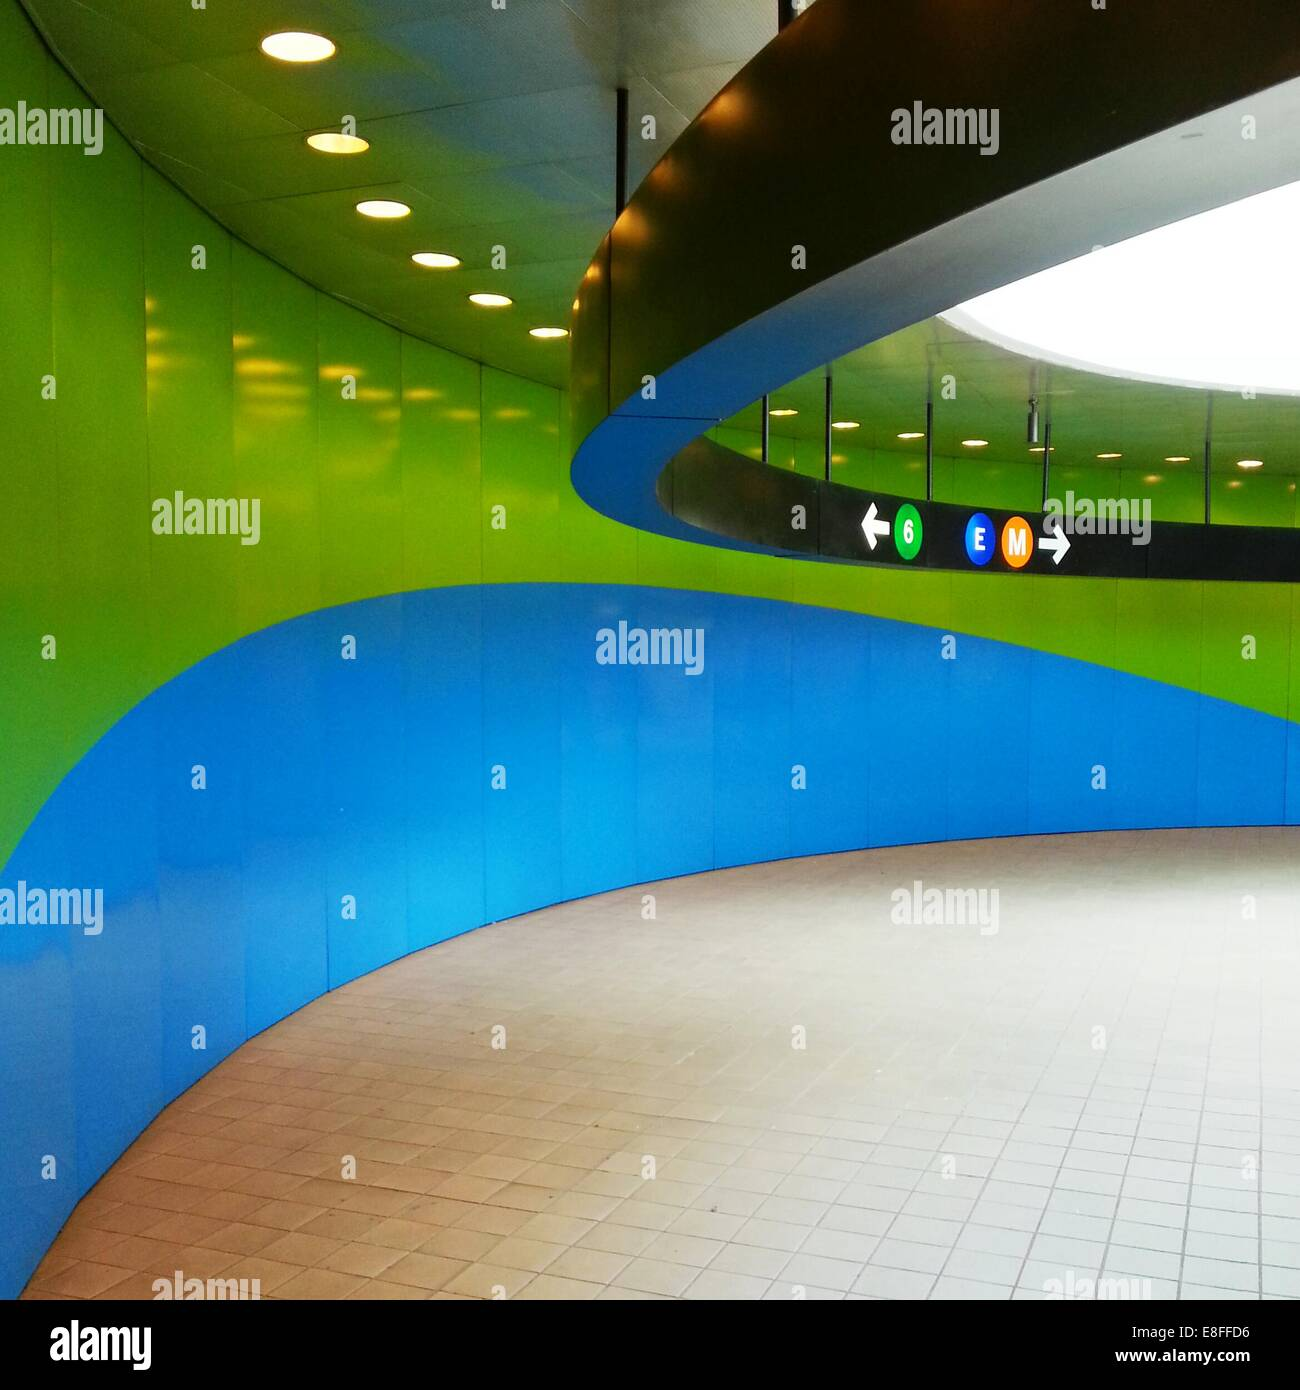 USA, New York State, New York City, Subway - Stock Image